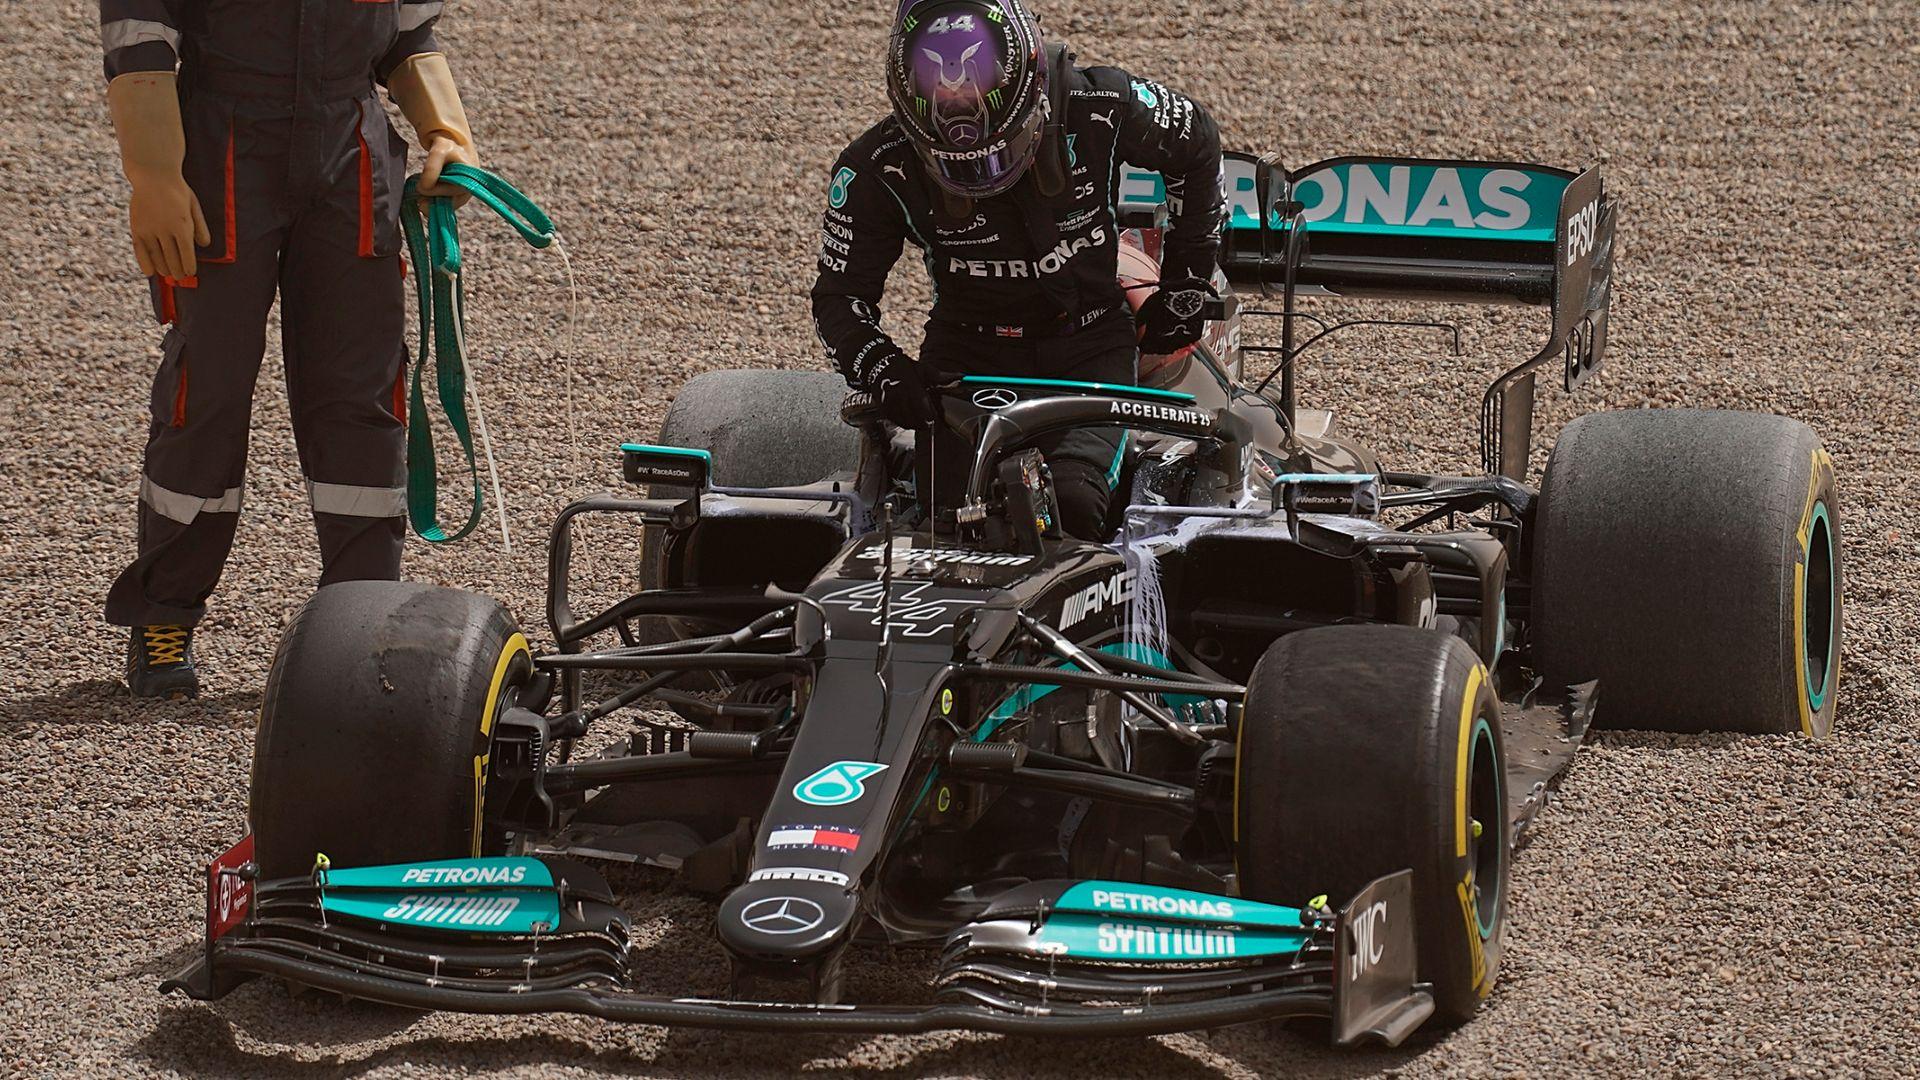 McLaren's Ricciardo fastest again as Hamilton spins off